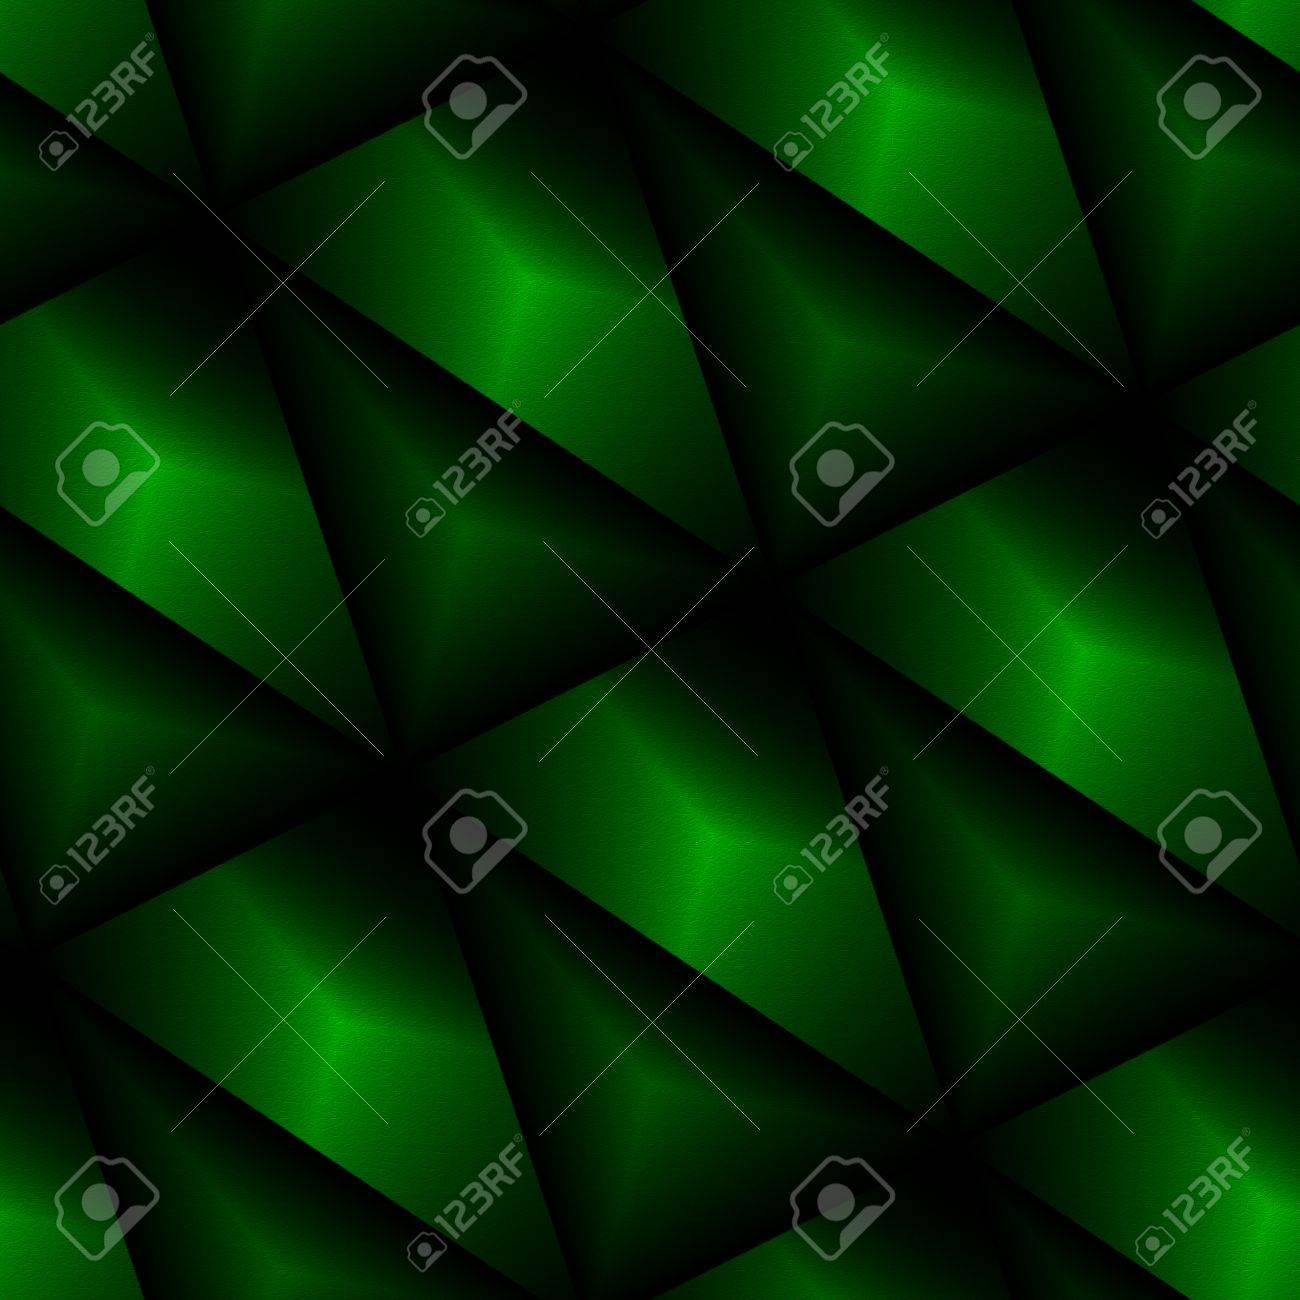 緑のシームレスな抽象的な壁紙。...